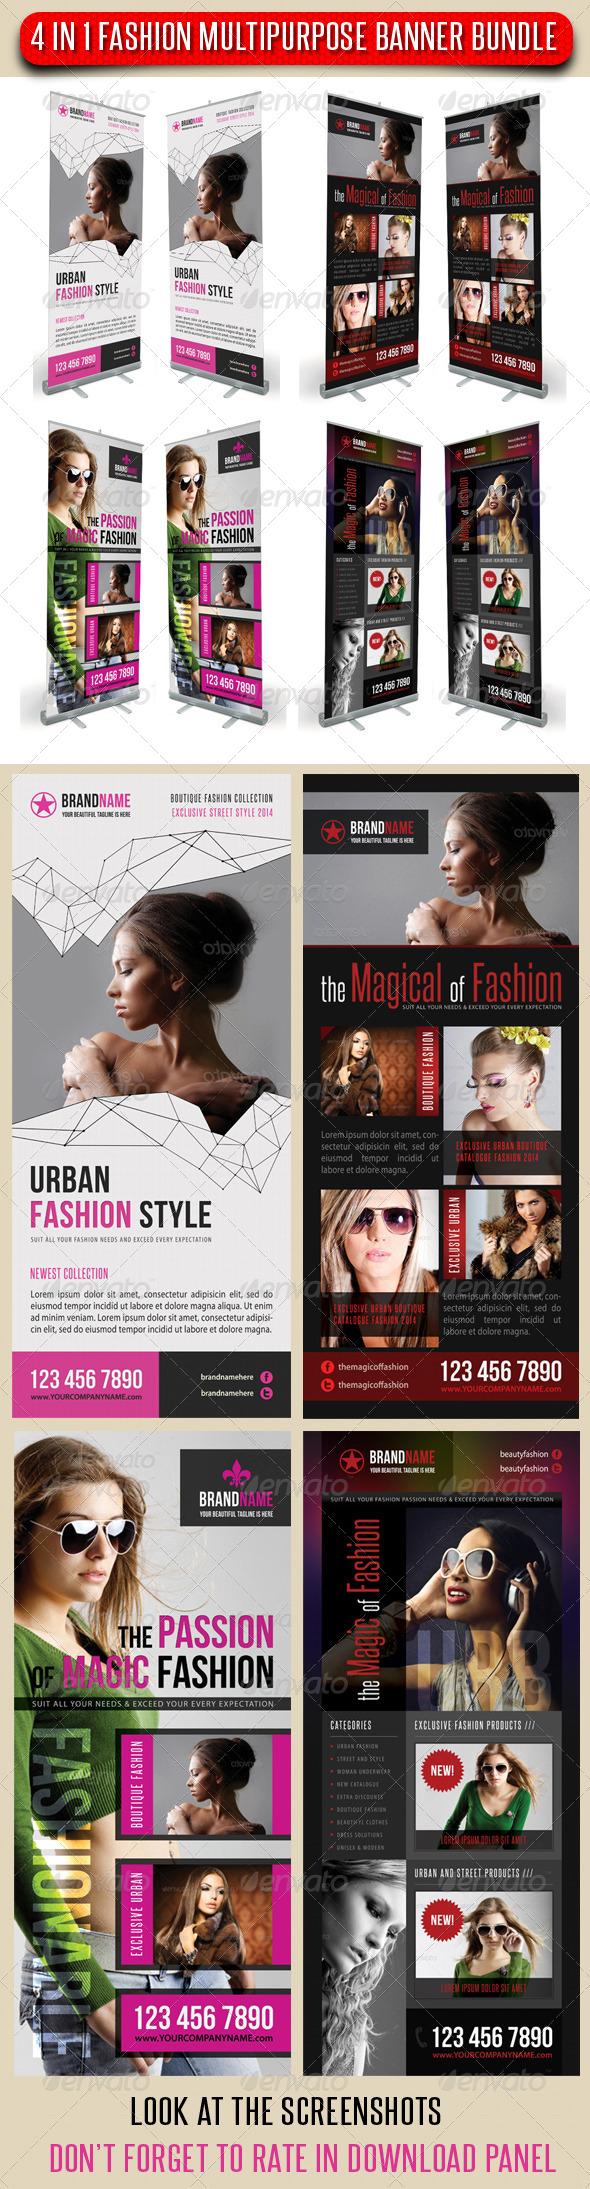 GraphicRiver 4 in 1 Fashion Multipurpose Banner Bundle 06 6732753